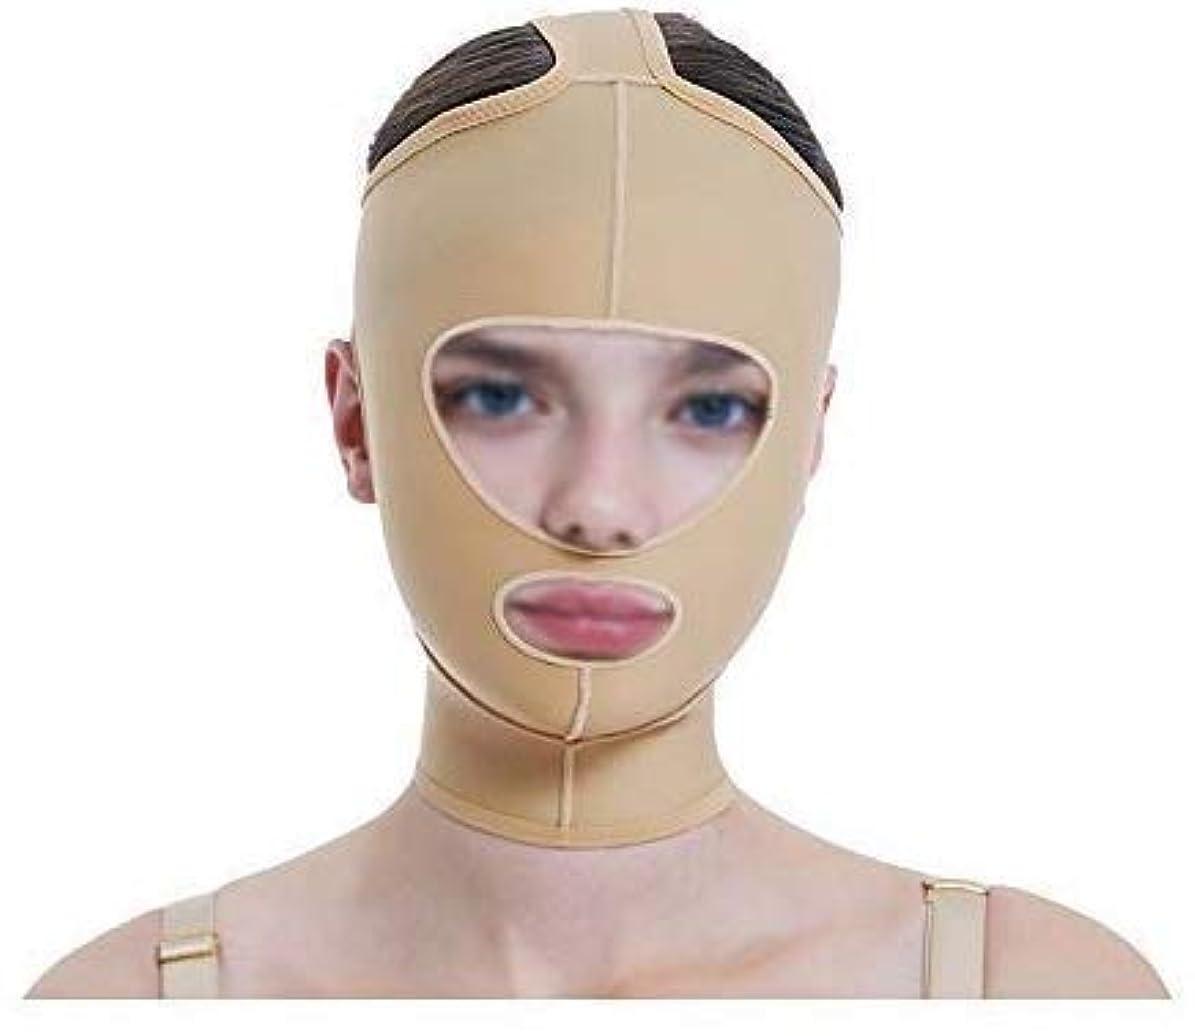 立法寛解料理美しさと実用的な顔と首のリフト、減量フェイスマスクフェイスカービングフェイス弾性セット薄いダブルチンアーティファクトVフェイスビームフェイス(サイズ:XS)